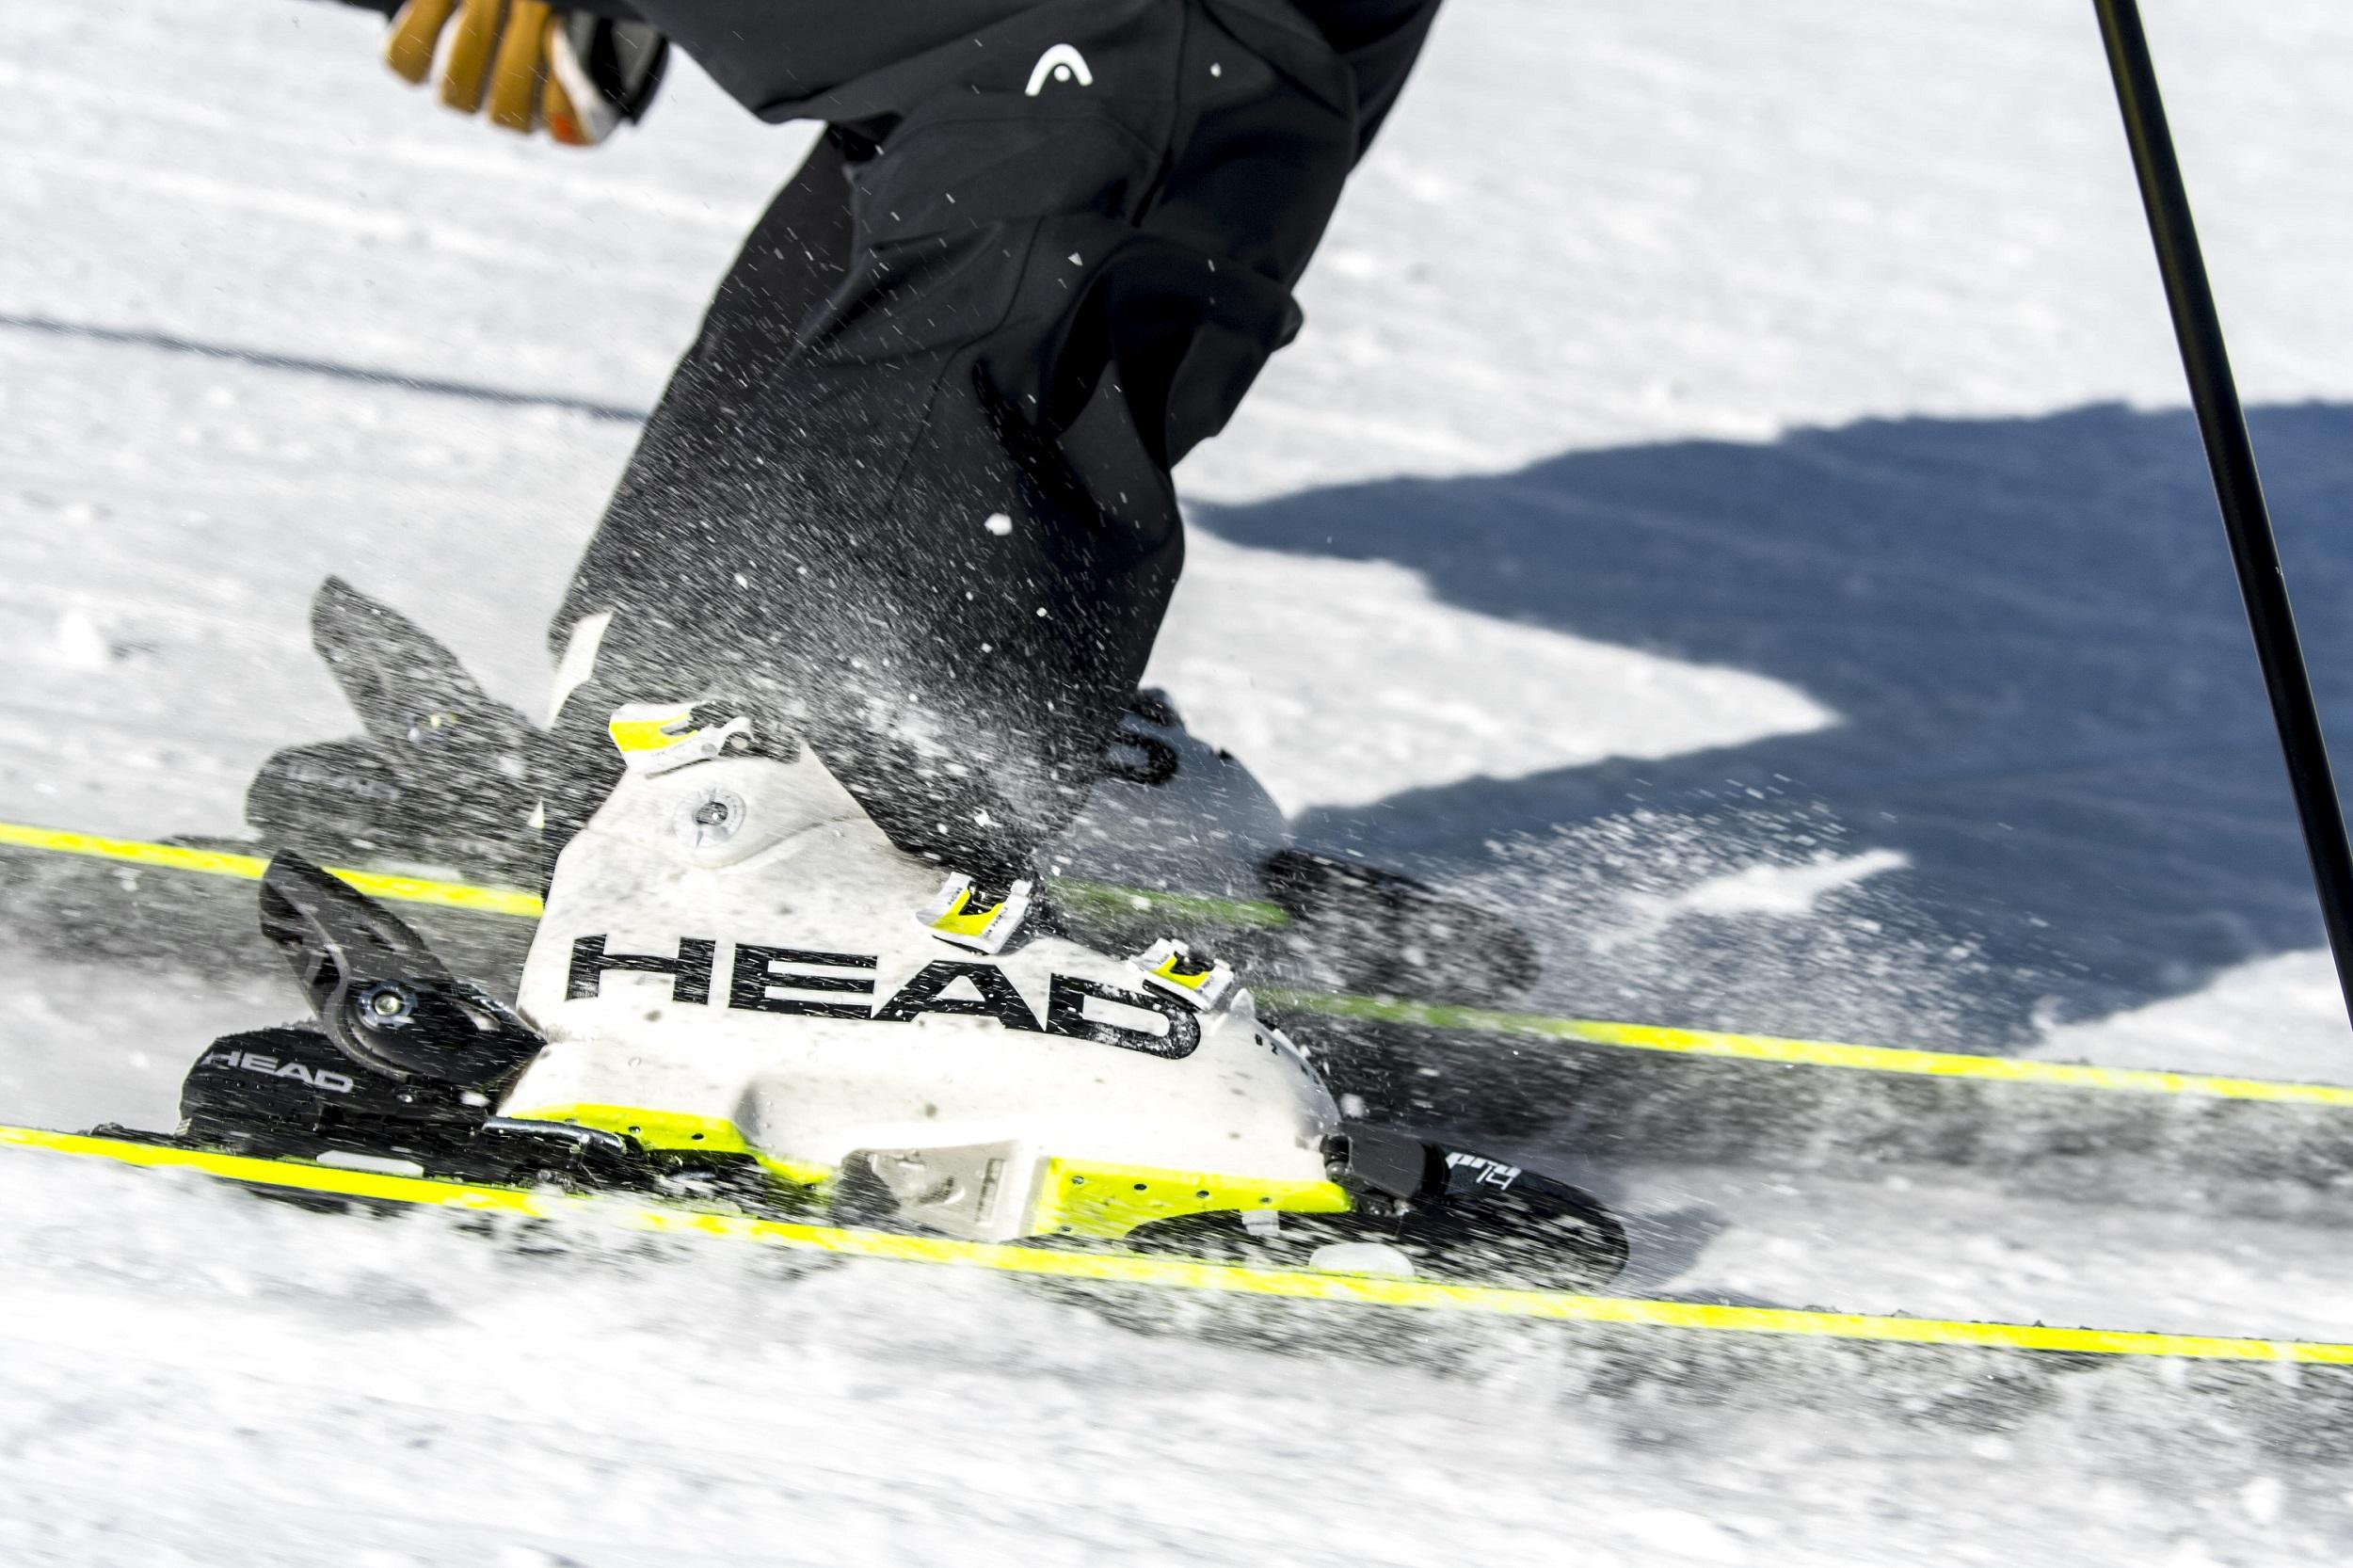 Planujesz wyjazd na narty? Oto 6 rzeczy, o których nie możesz zapomnieć!